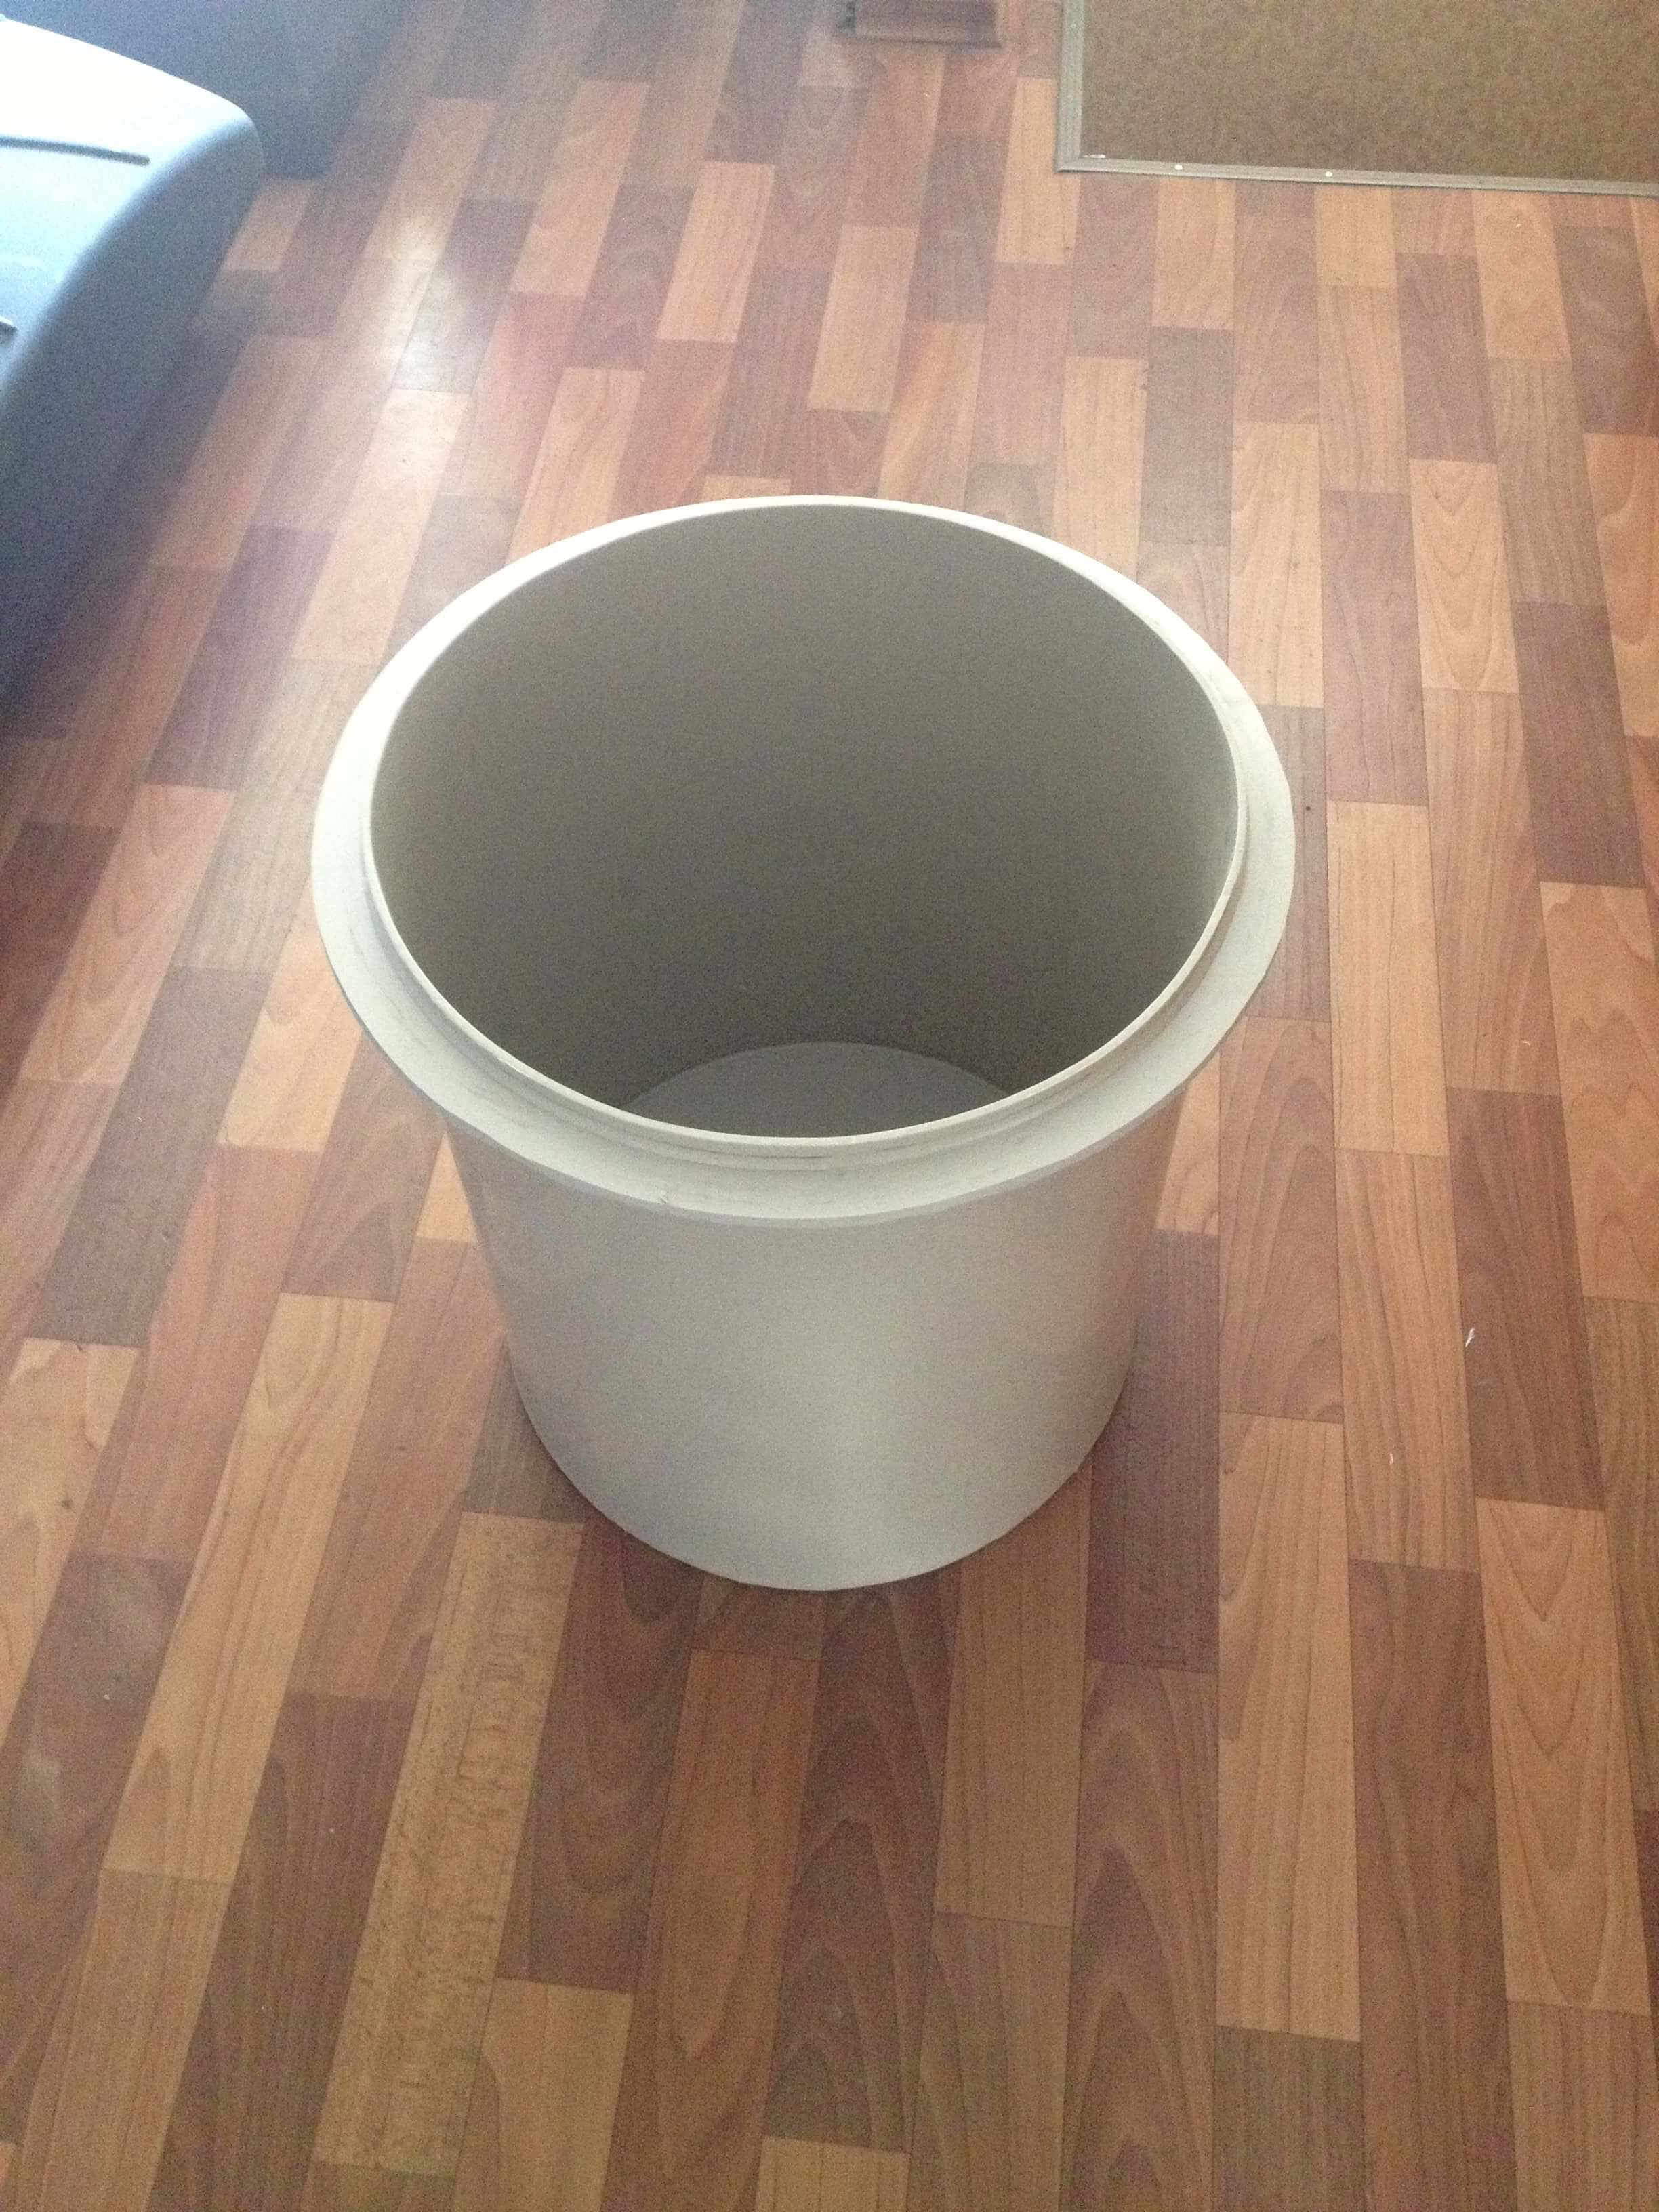 Фото №1. Воронка - ванна для смешивания смол. (Вид 1)